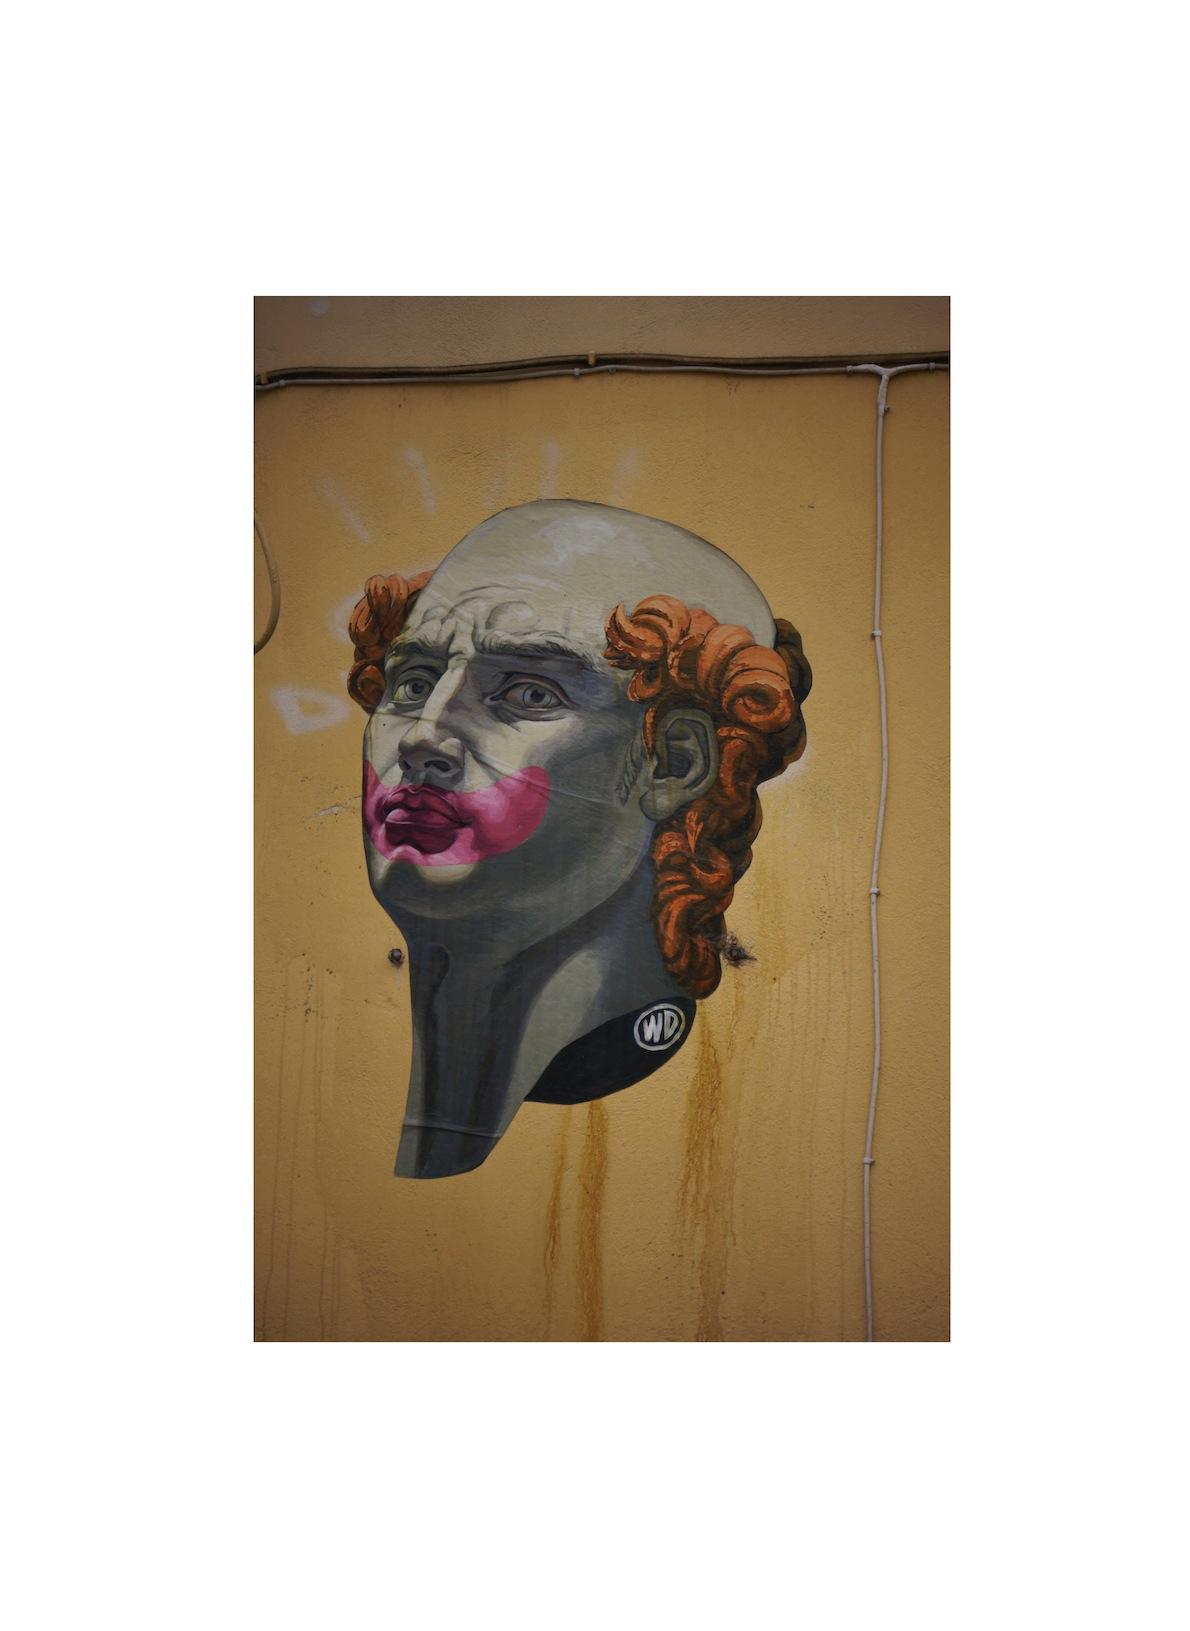 Ψυρρή Writer: WD (Wild Drawing) David the Clown, ένα από τα πιο έξυπνα poster του Καλλιτέχνη